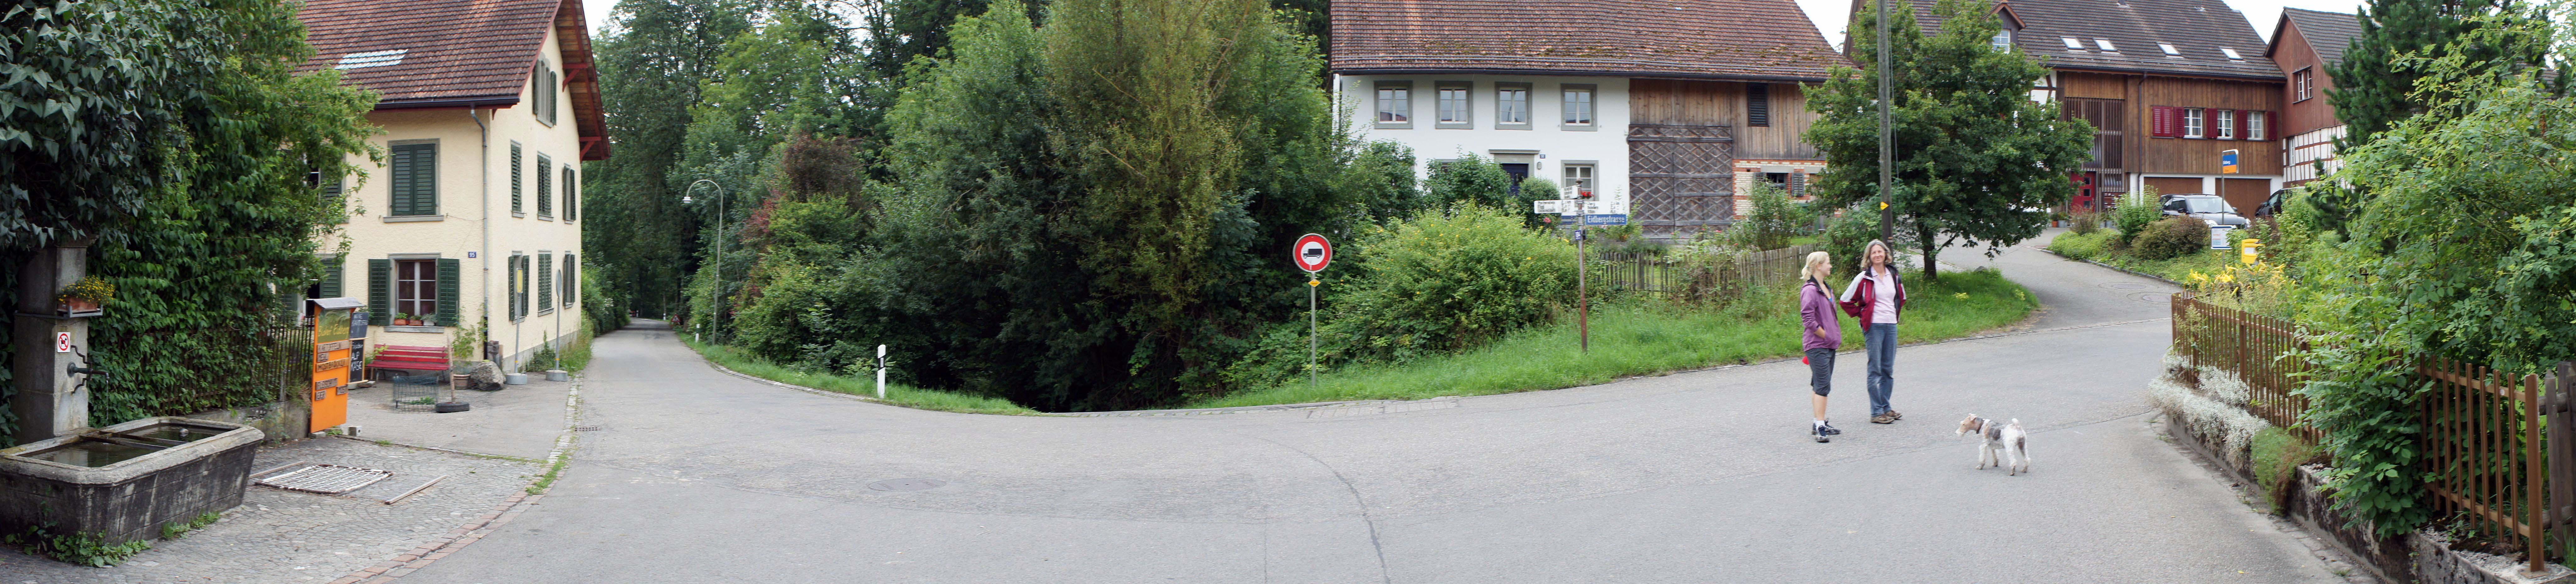 iberg-panorama-2010-011-sm.jpg